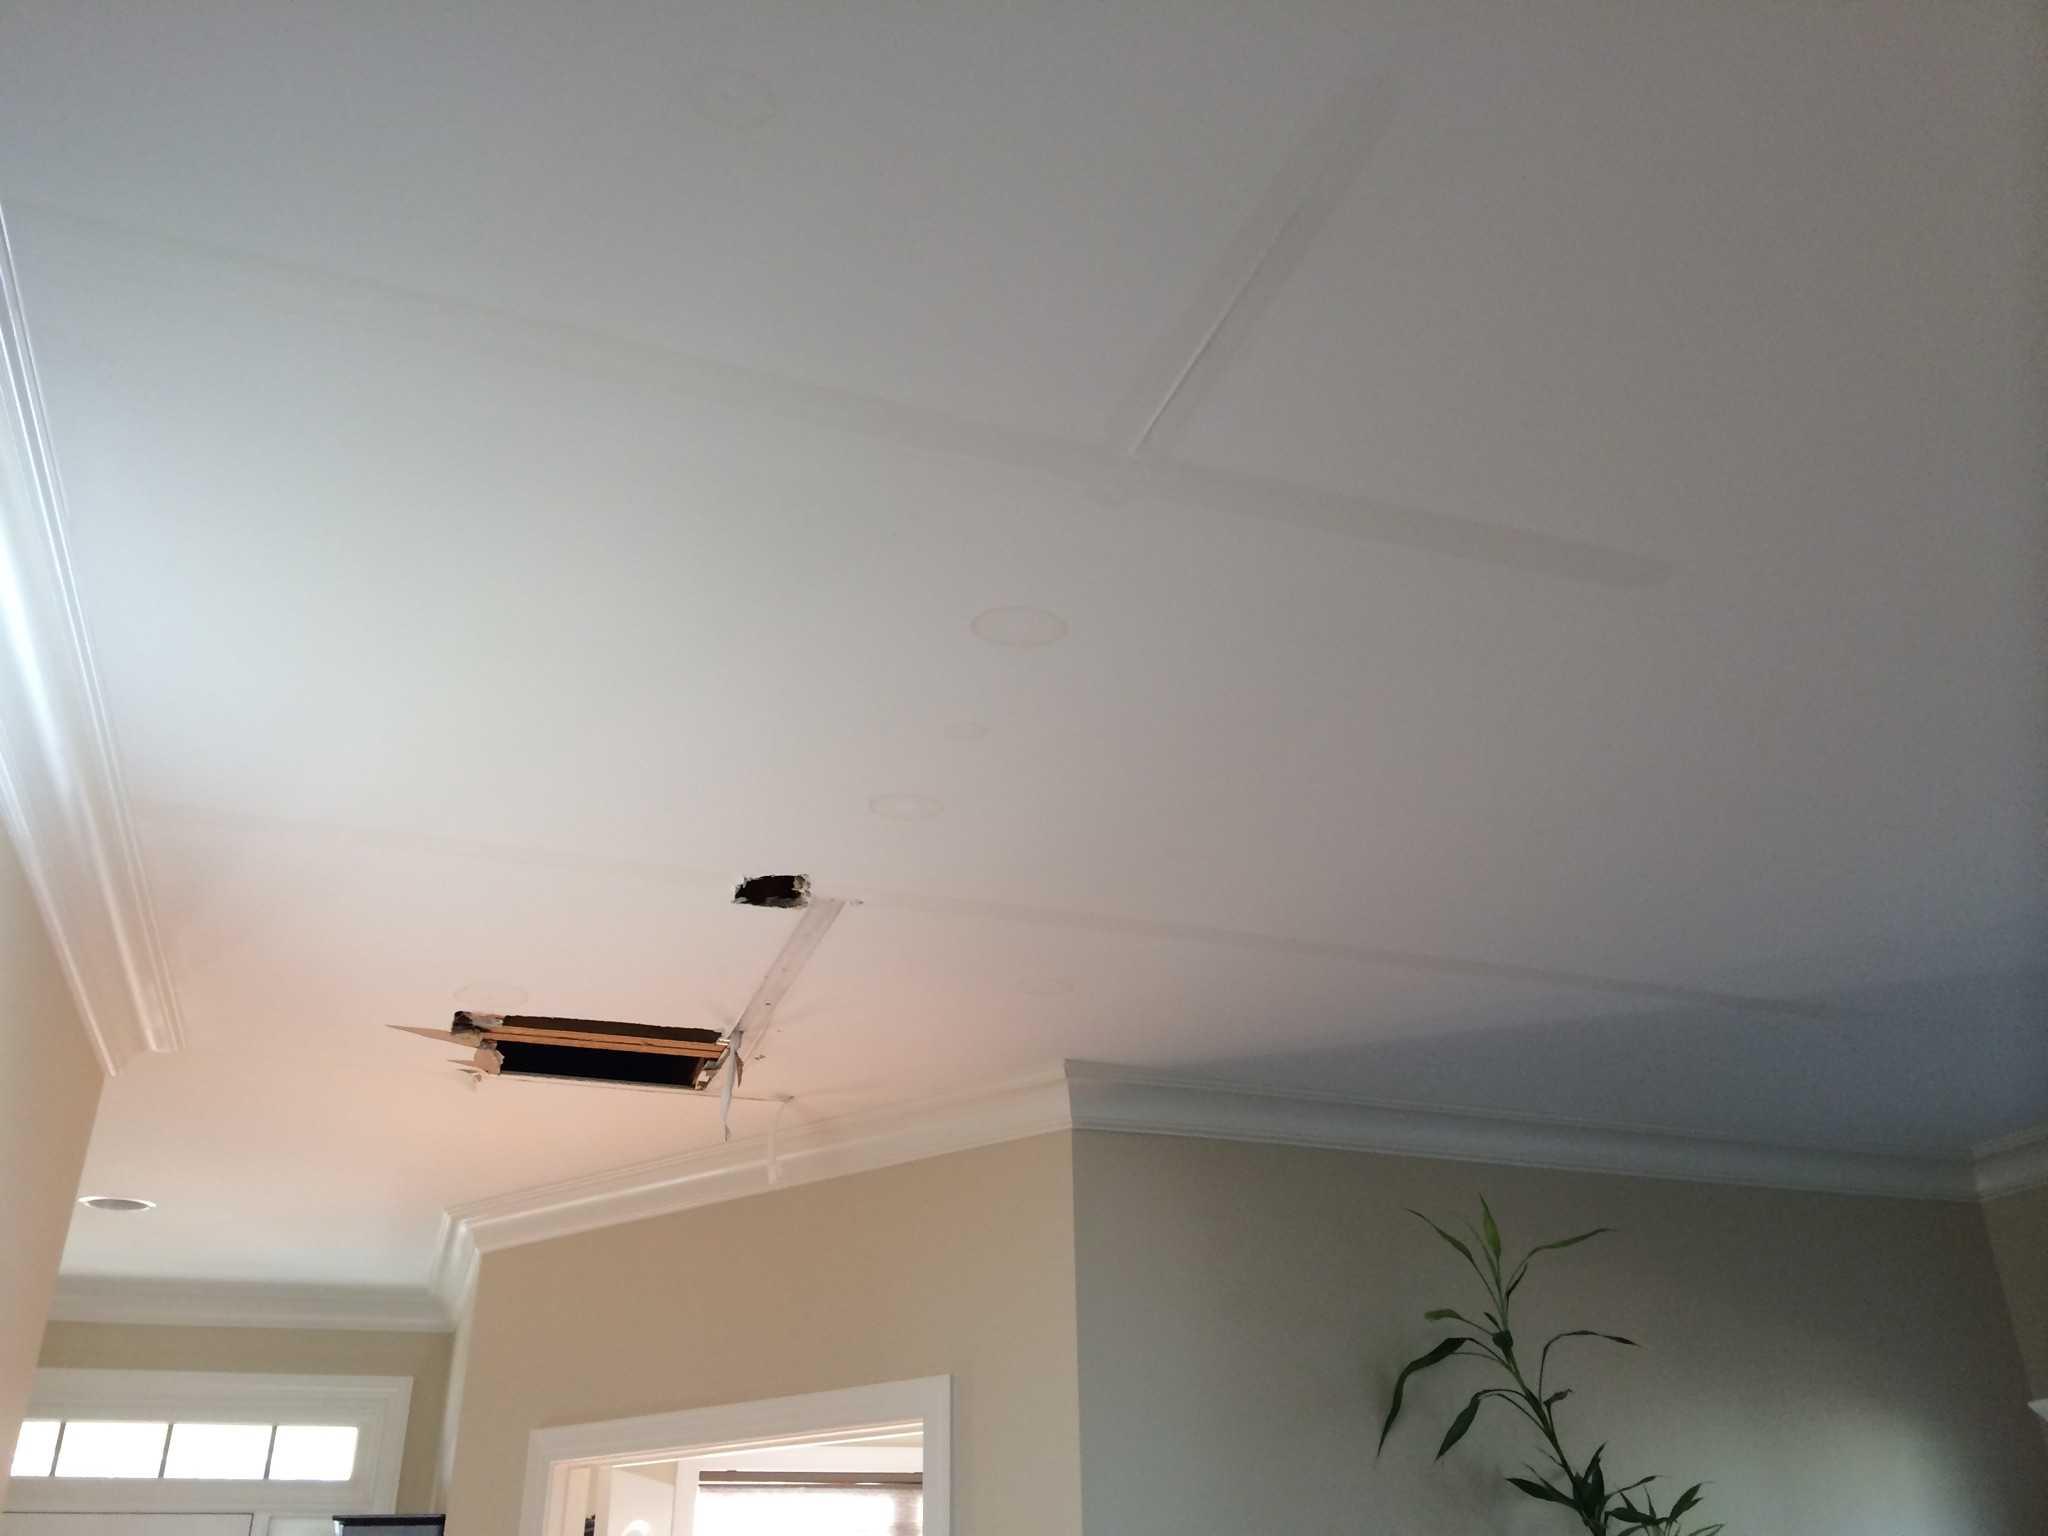 Ceiling leak - Picture 1